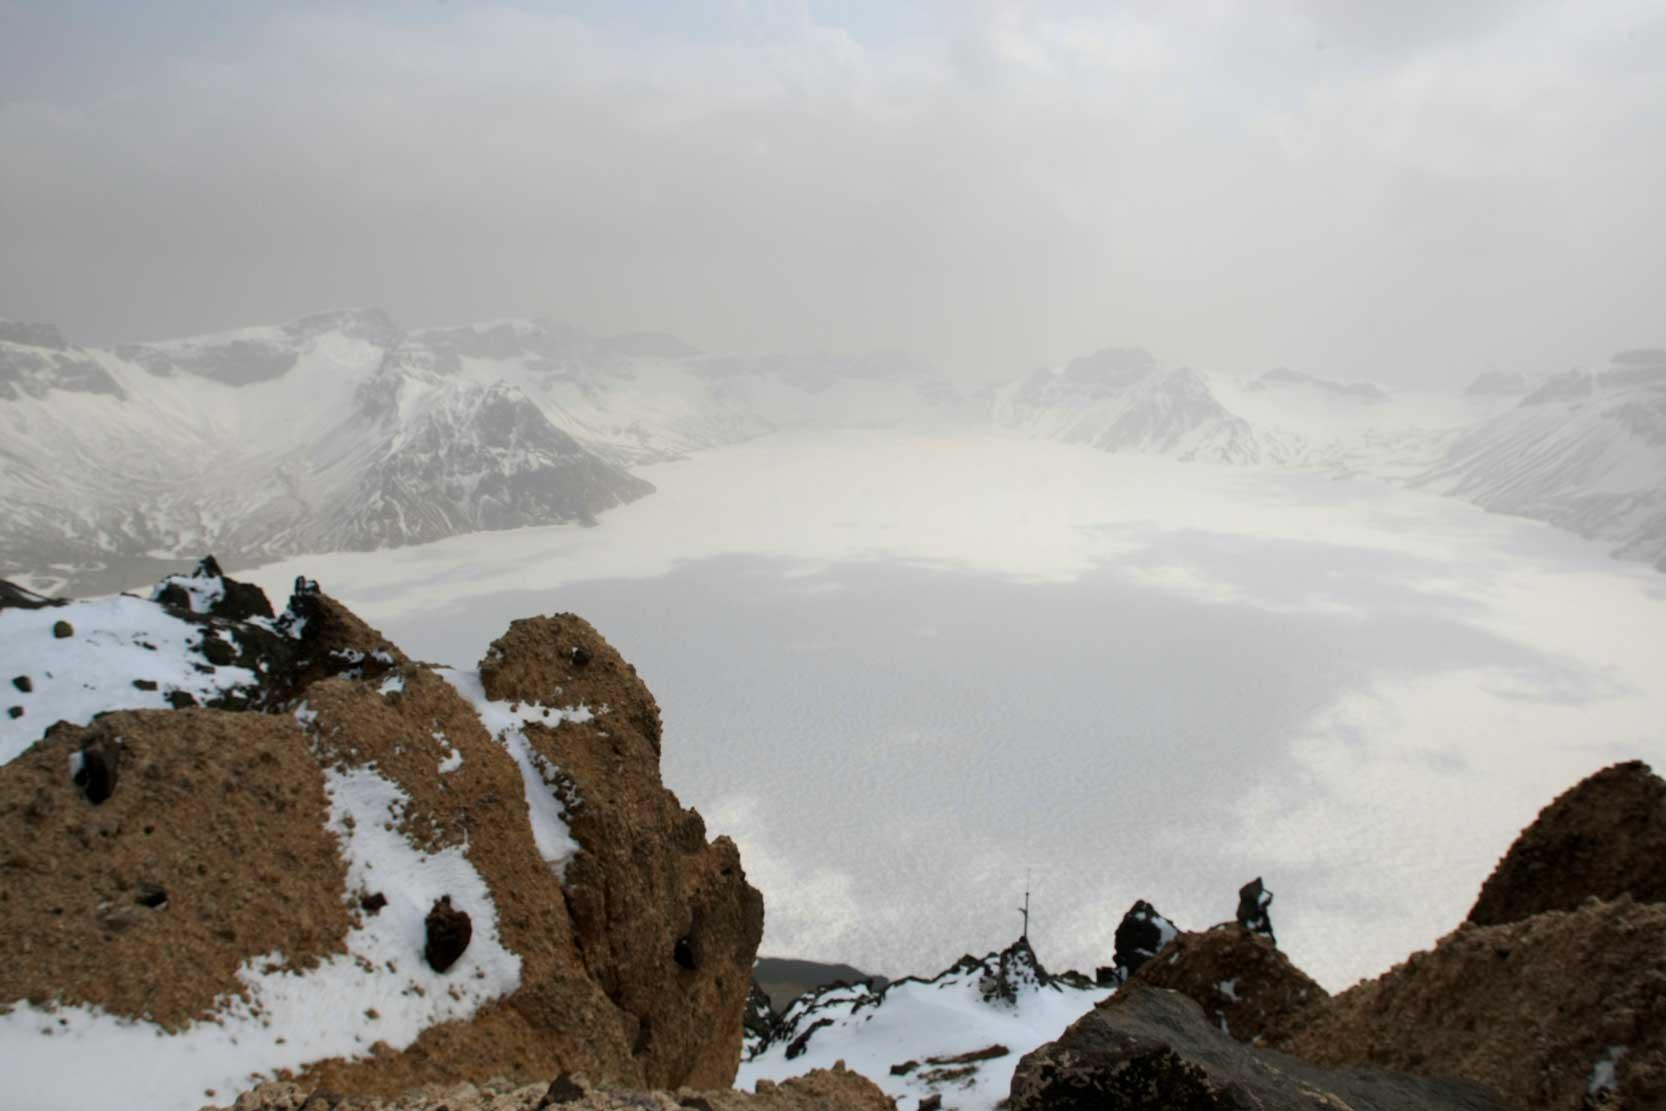 聖なる高原リゾート、長白山に登る_b0235153_13134076.jpg